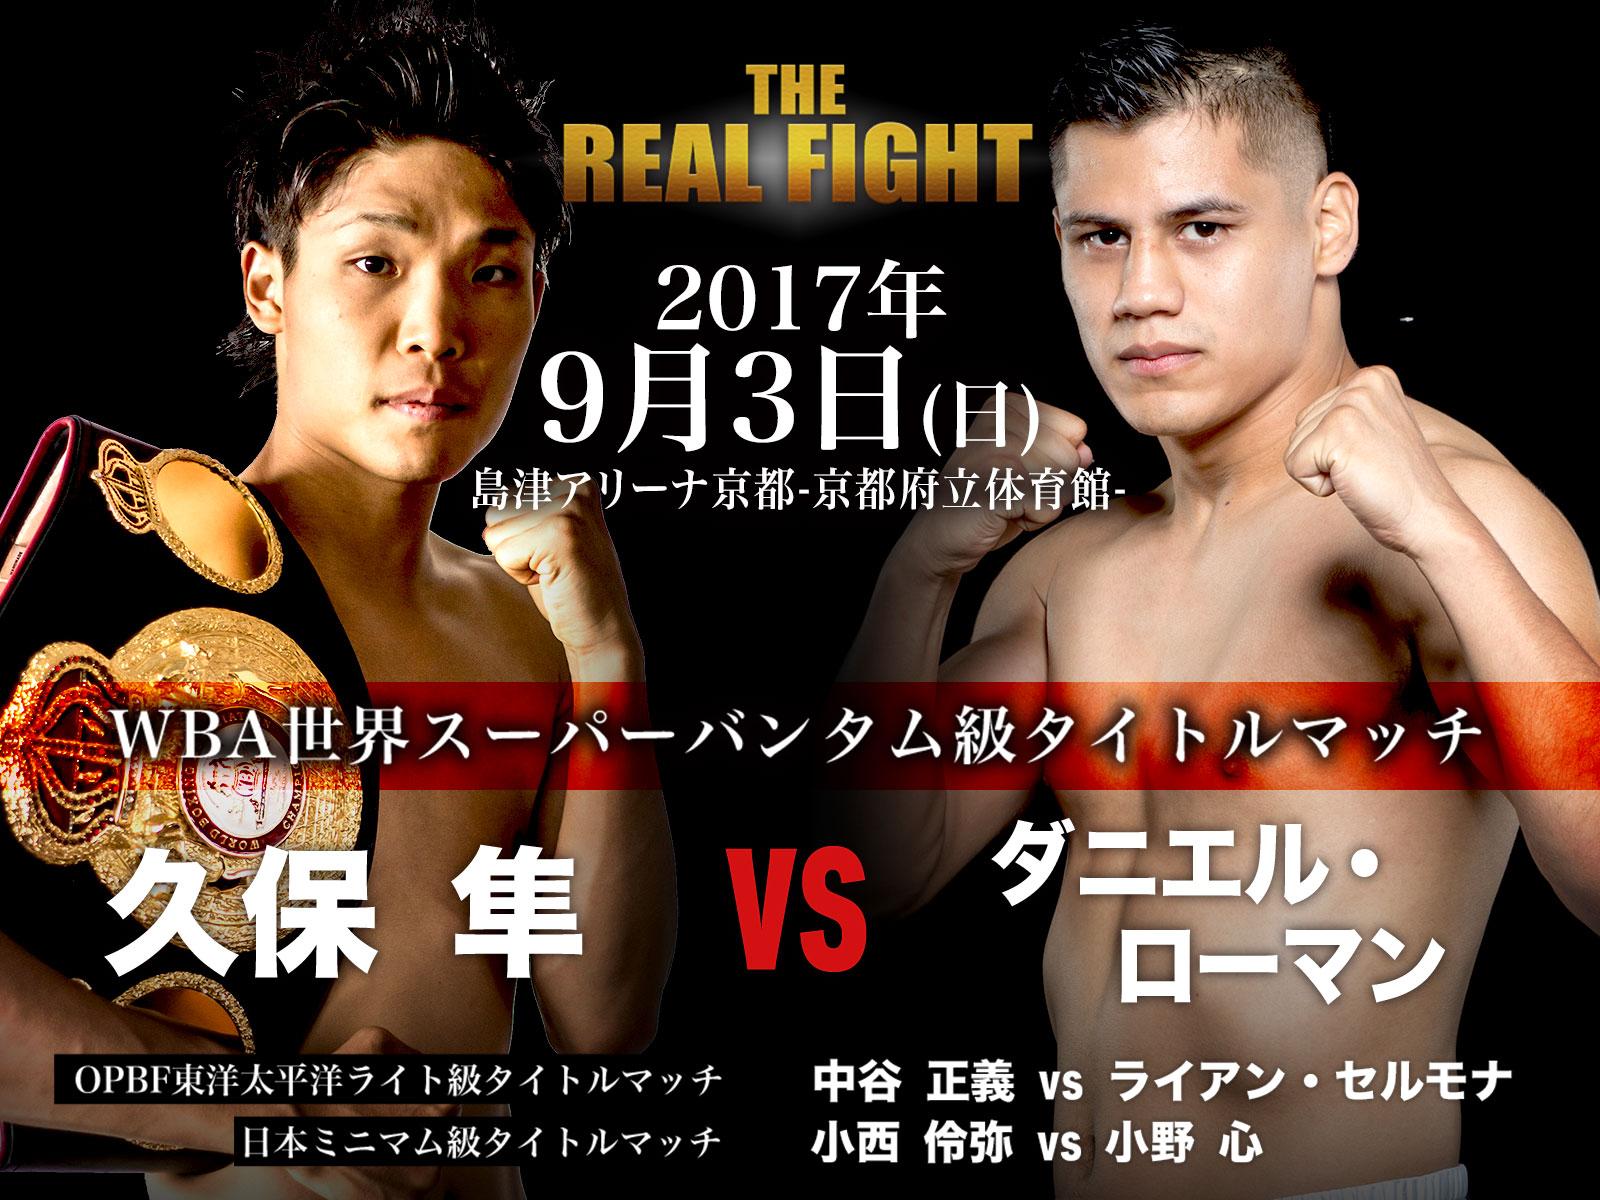 カンテレ/2017/9/3 THE REAL FIGHT[世界] 島津アリーナ京都